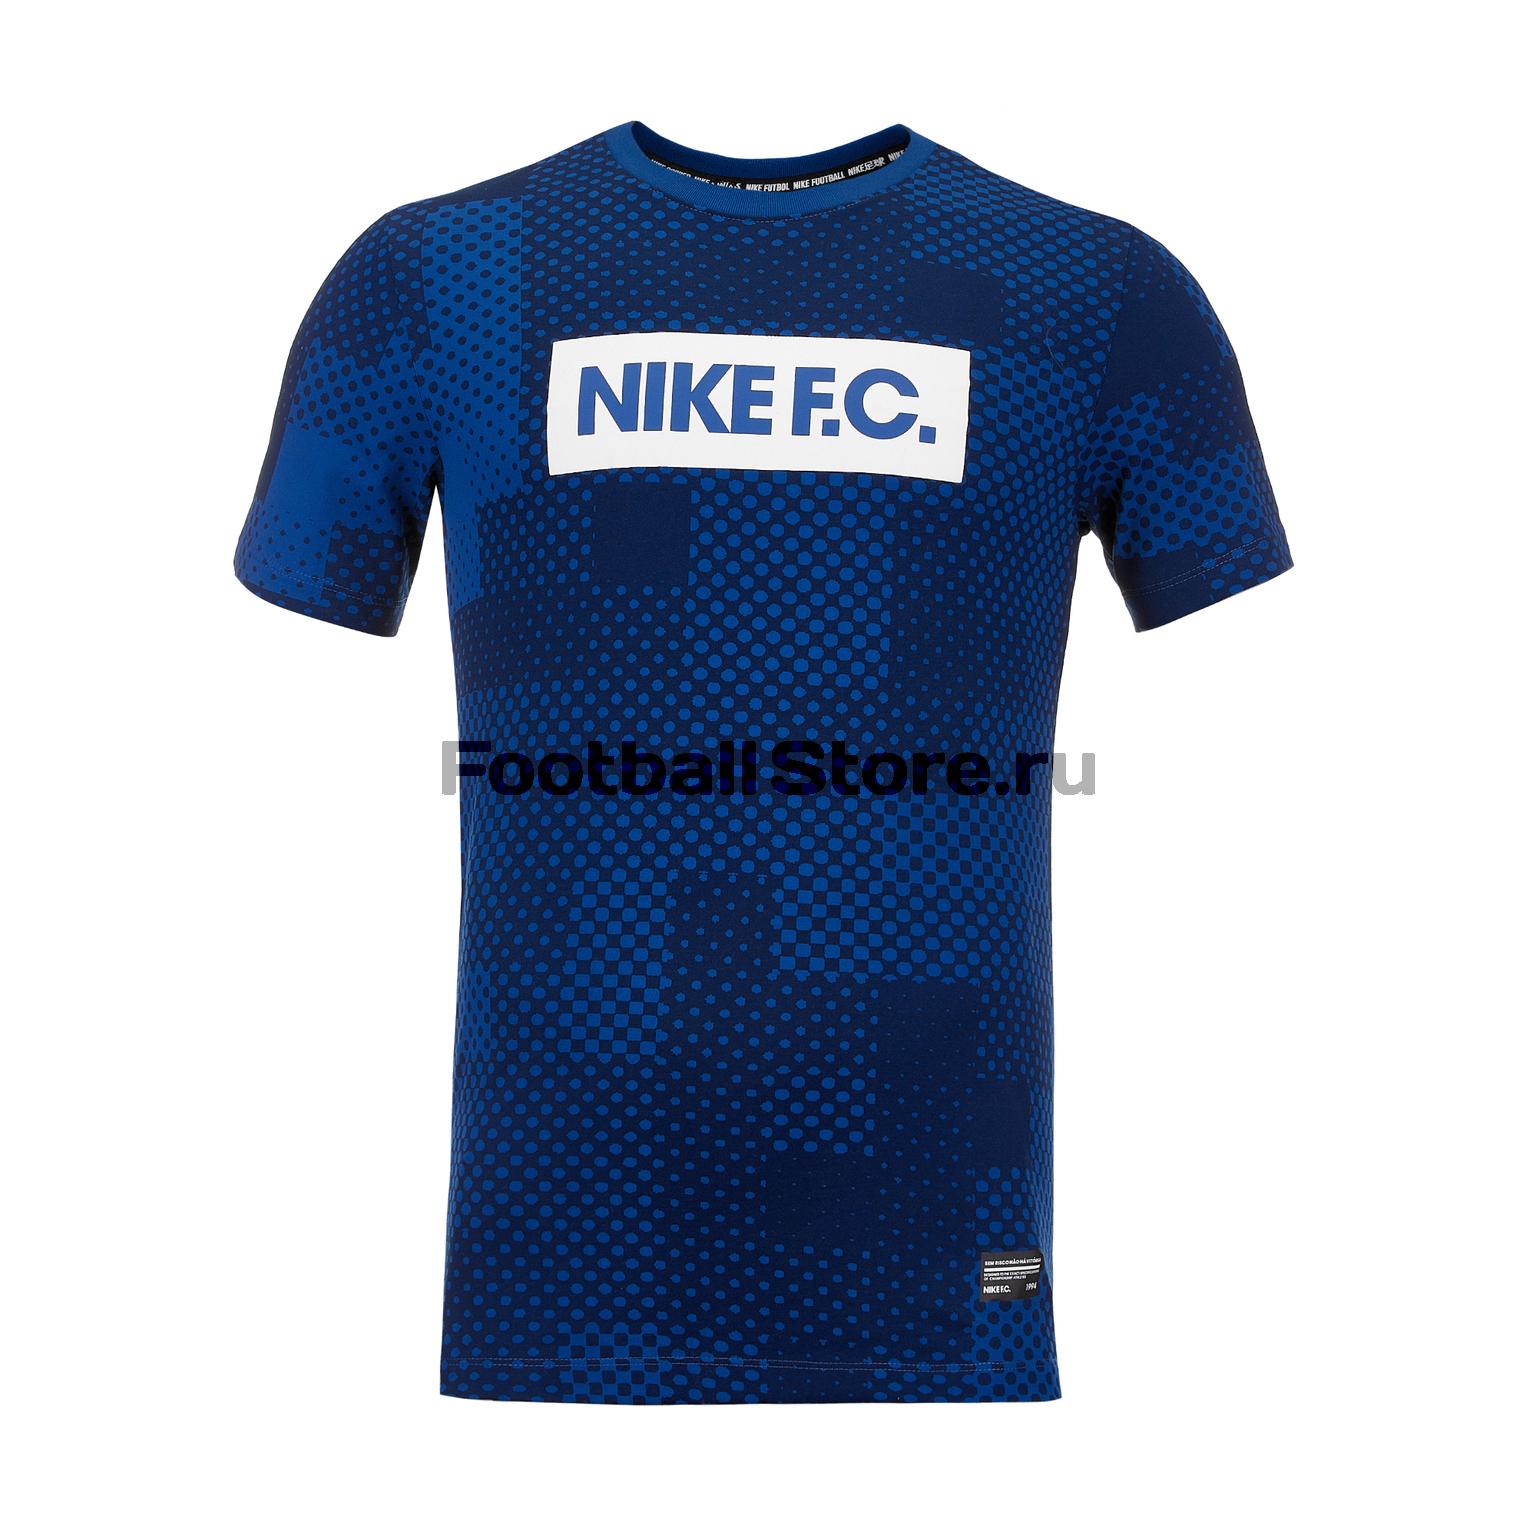 Футболка Nike F.C. Dry Tee Block AV5313-438 недорго, оригинальная цена